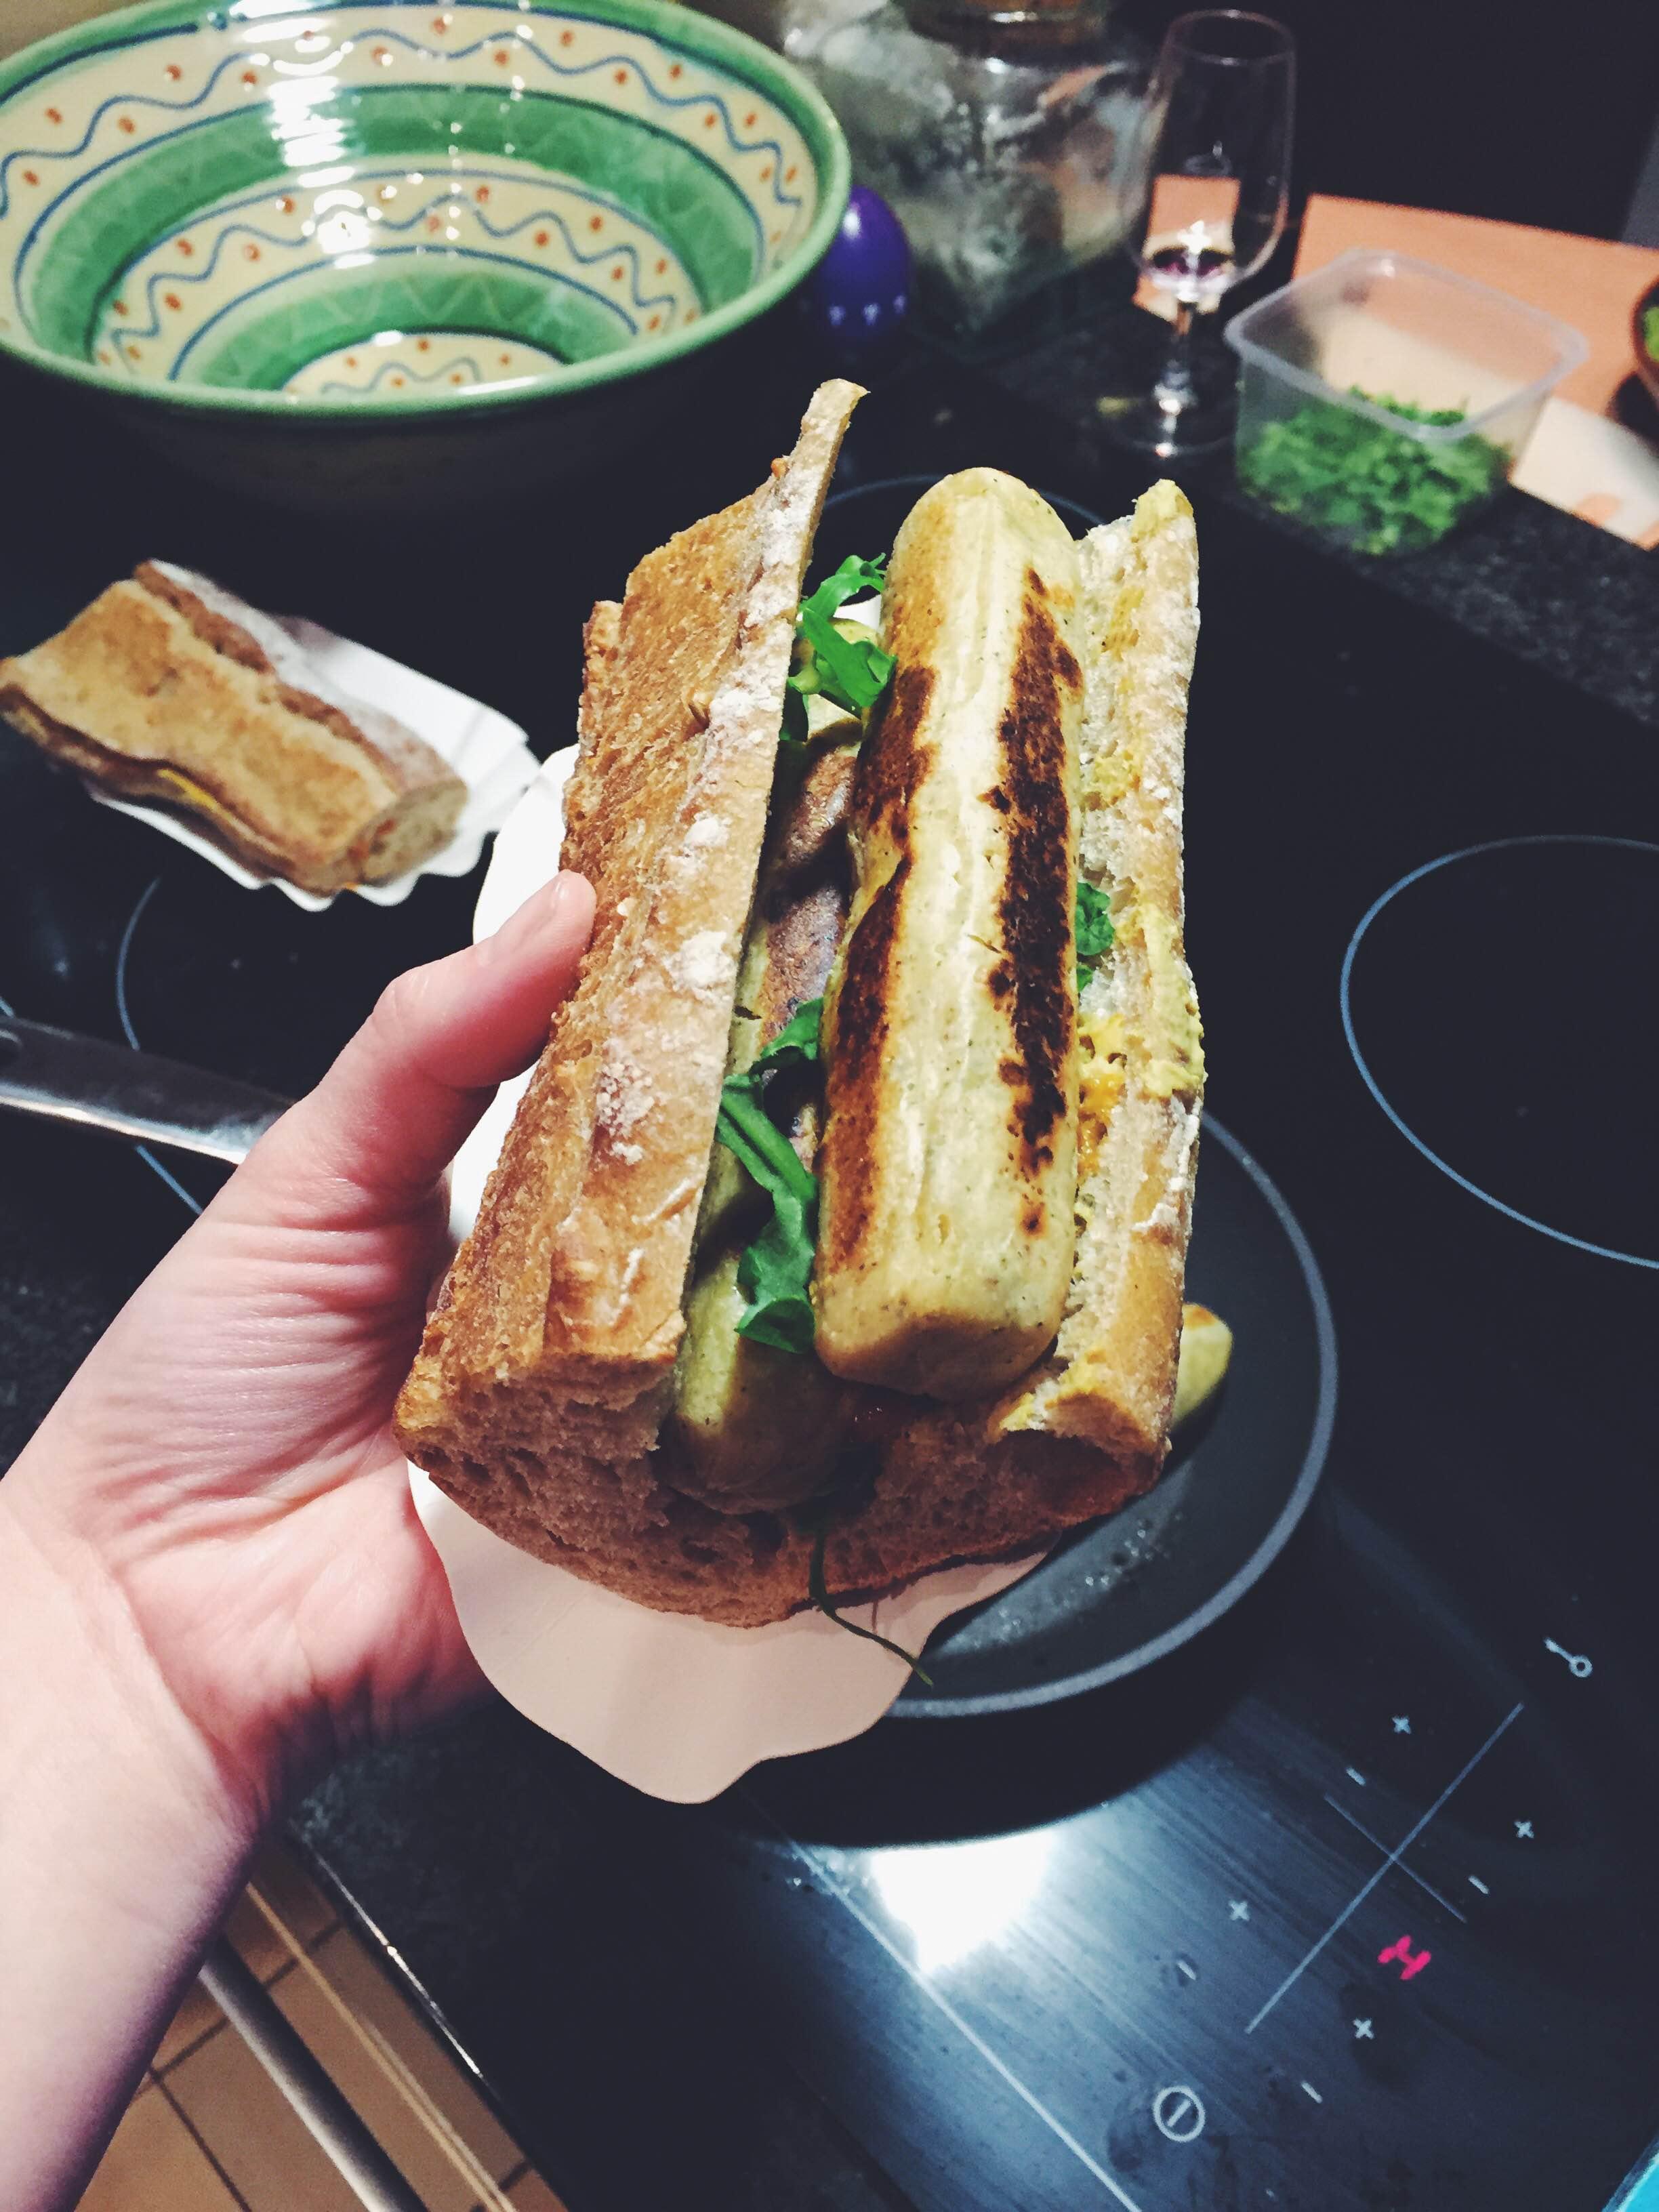 vegan tofu hot dogs in Belgium